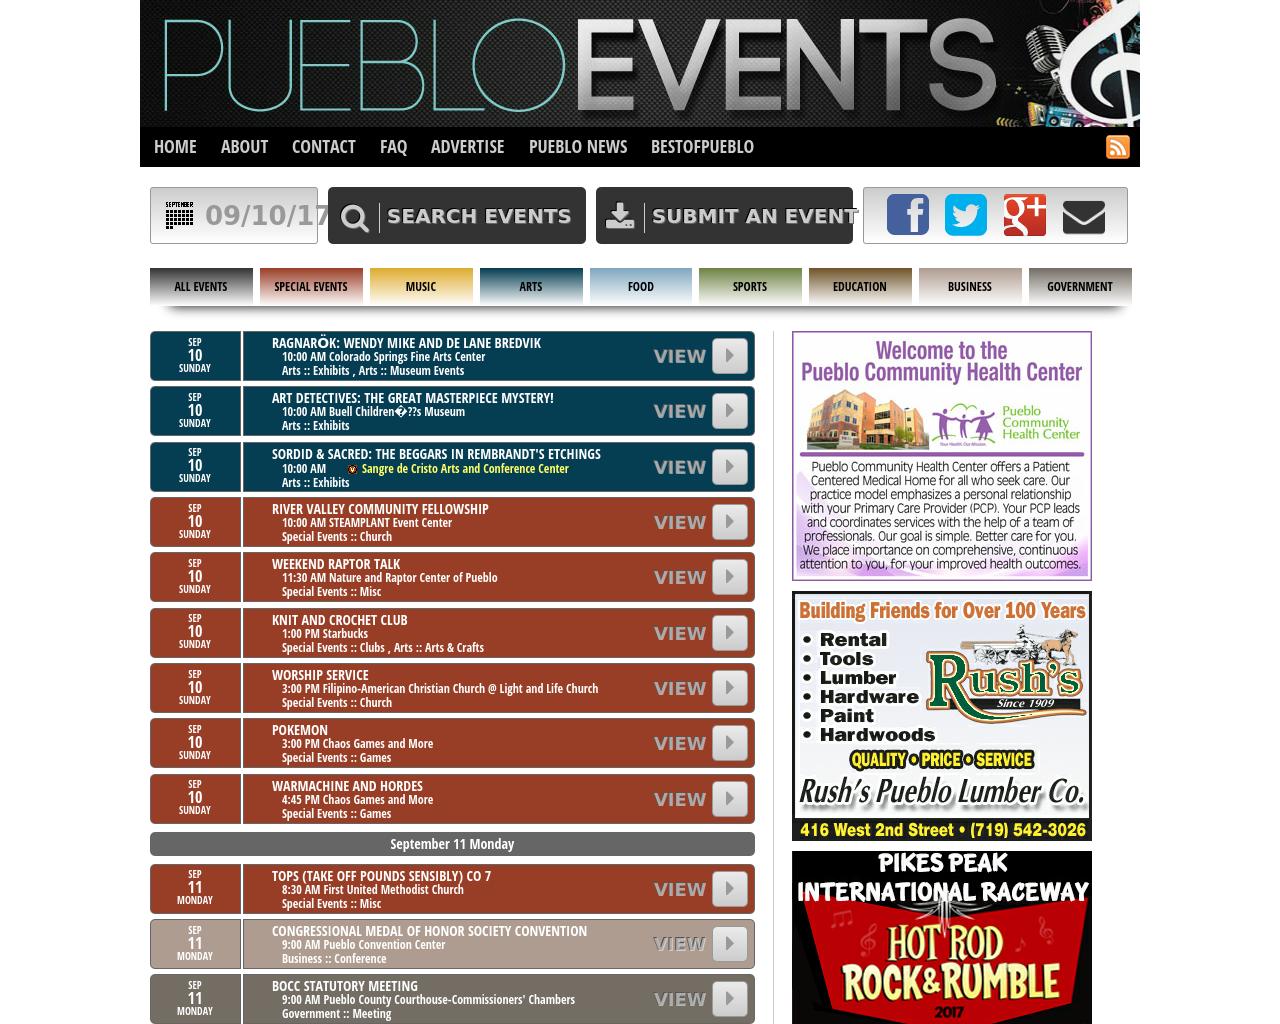 Pueblo-Events-Advertising-Reviews-Pricing